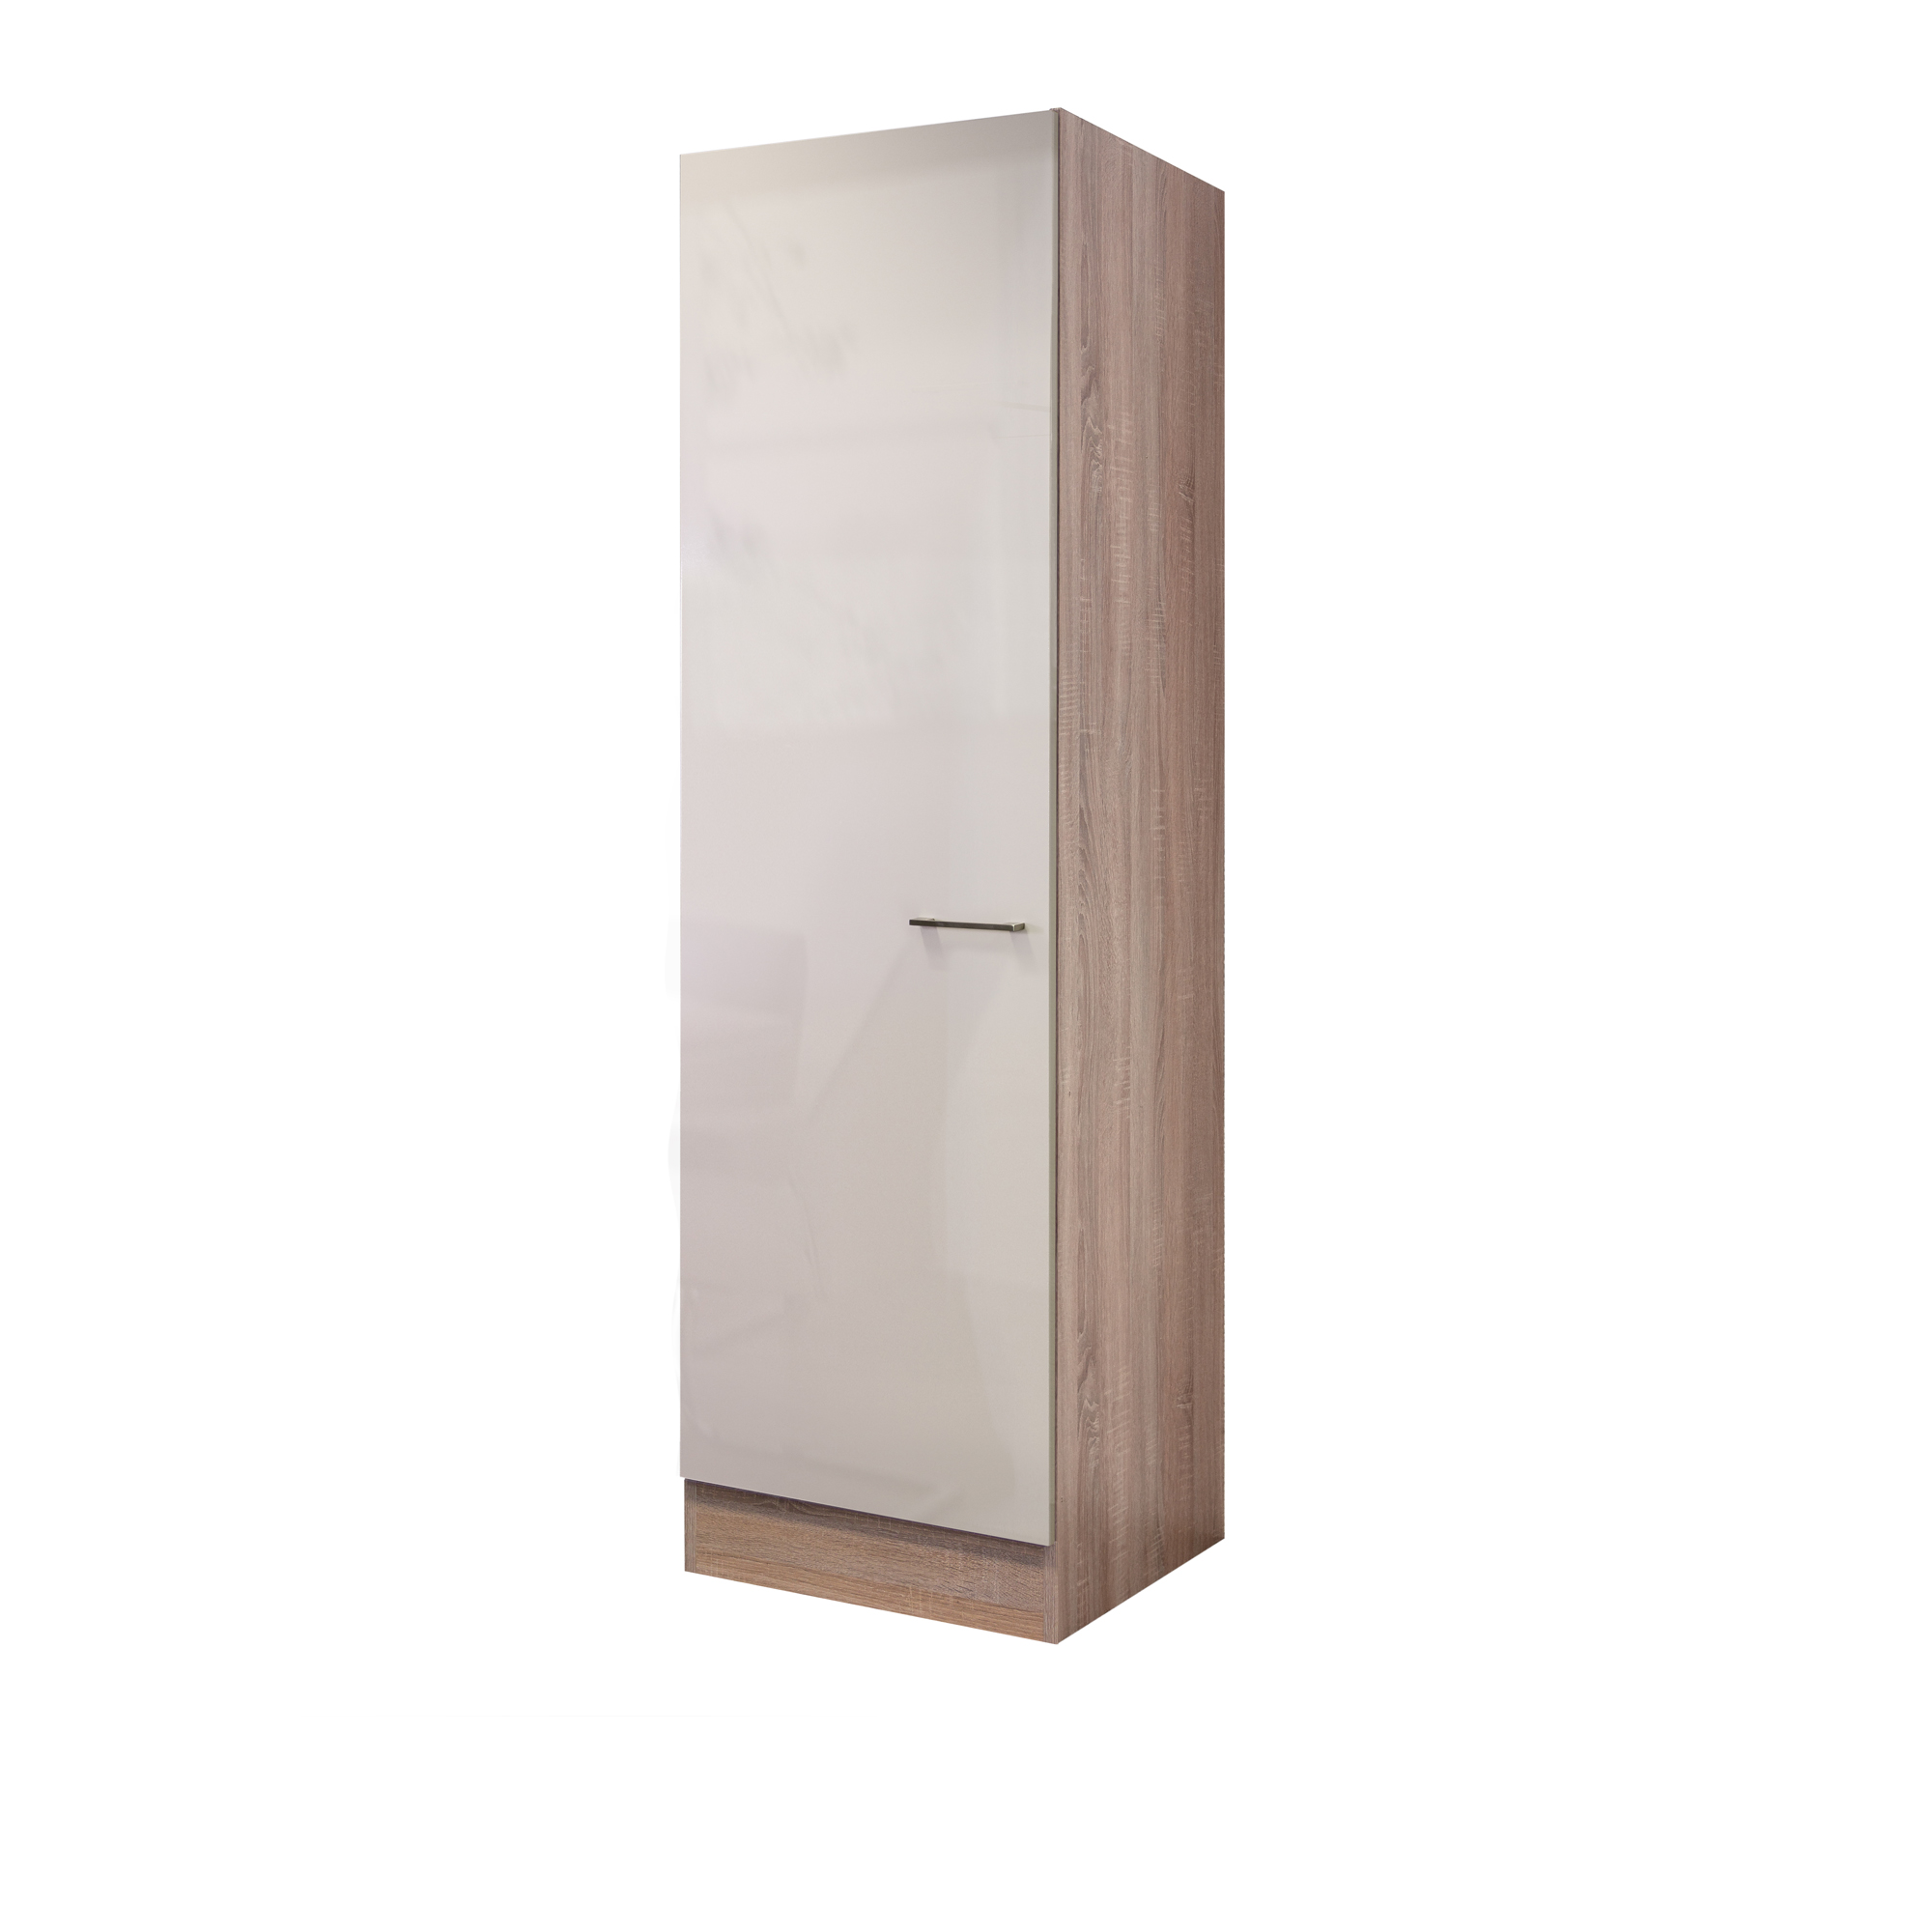 Küchenschrank Hochschrank Aufbewahrungsschrank 1 Tür 60 Cm